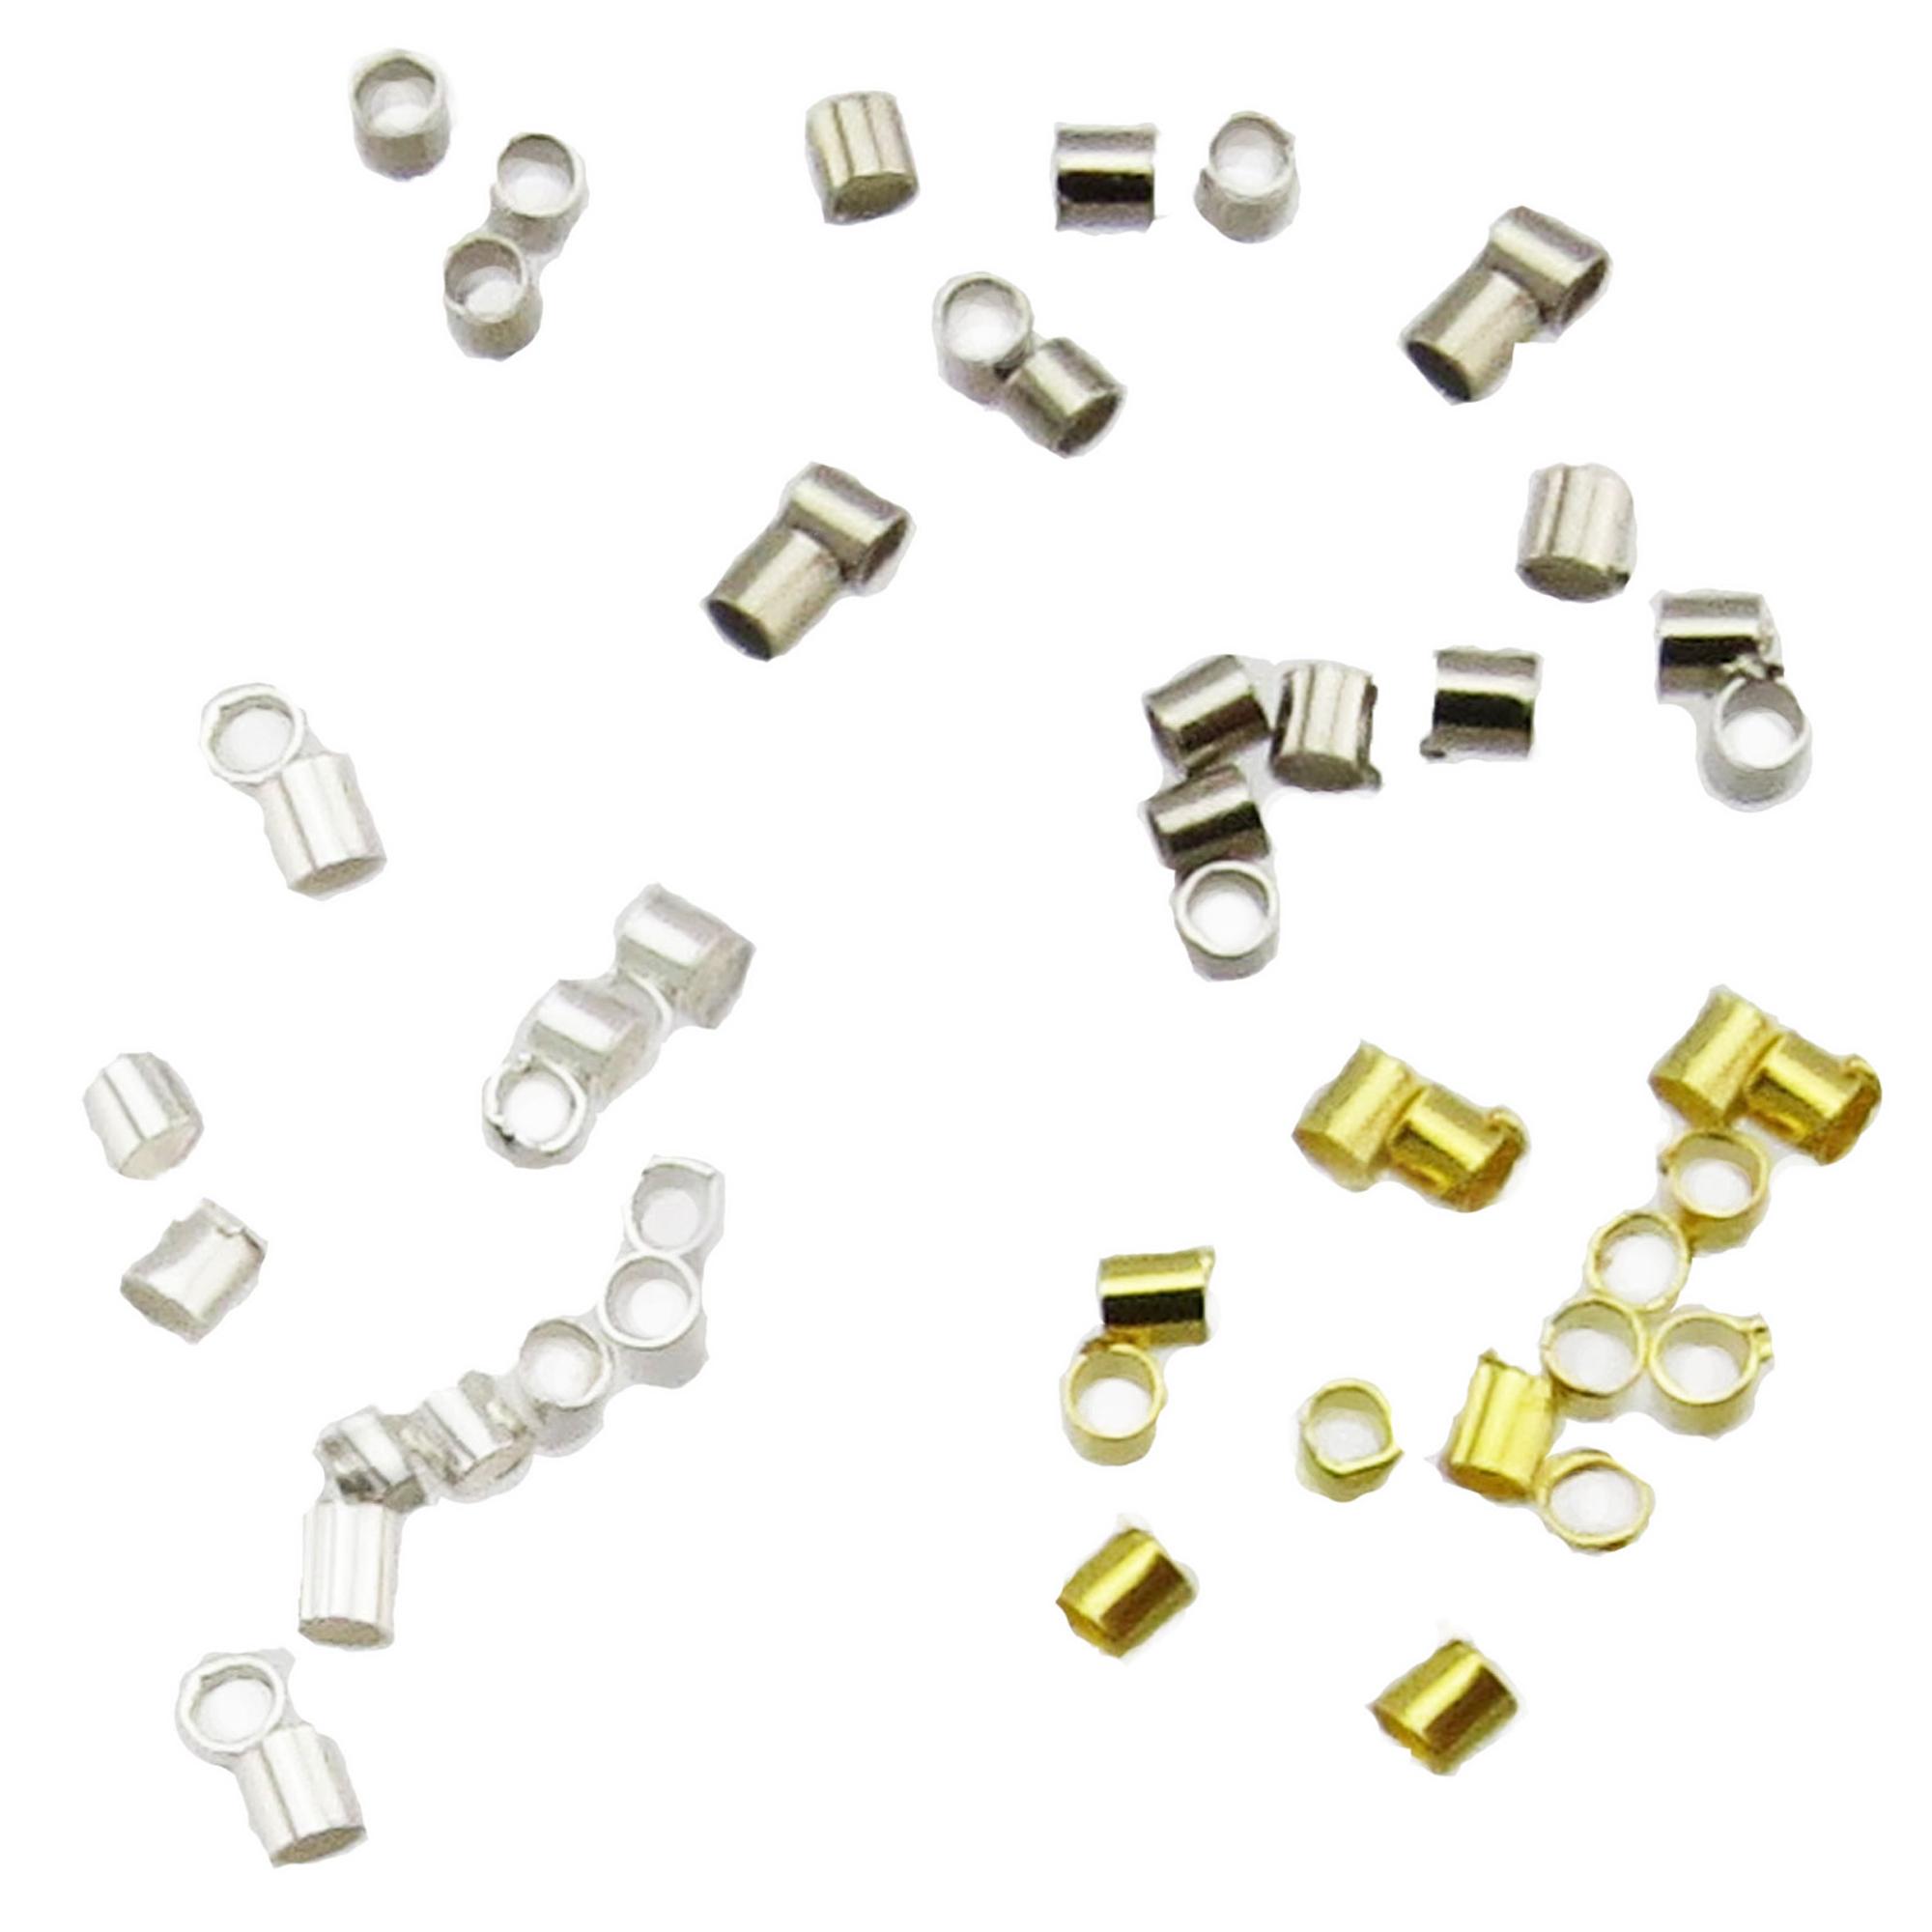 100 Quetschkugeln 2 x 2,5 mm silber gold Kugel Quetschperlen Quetschteile crimps